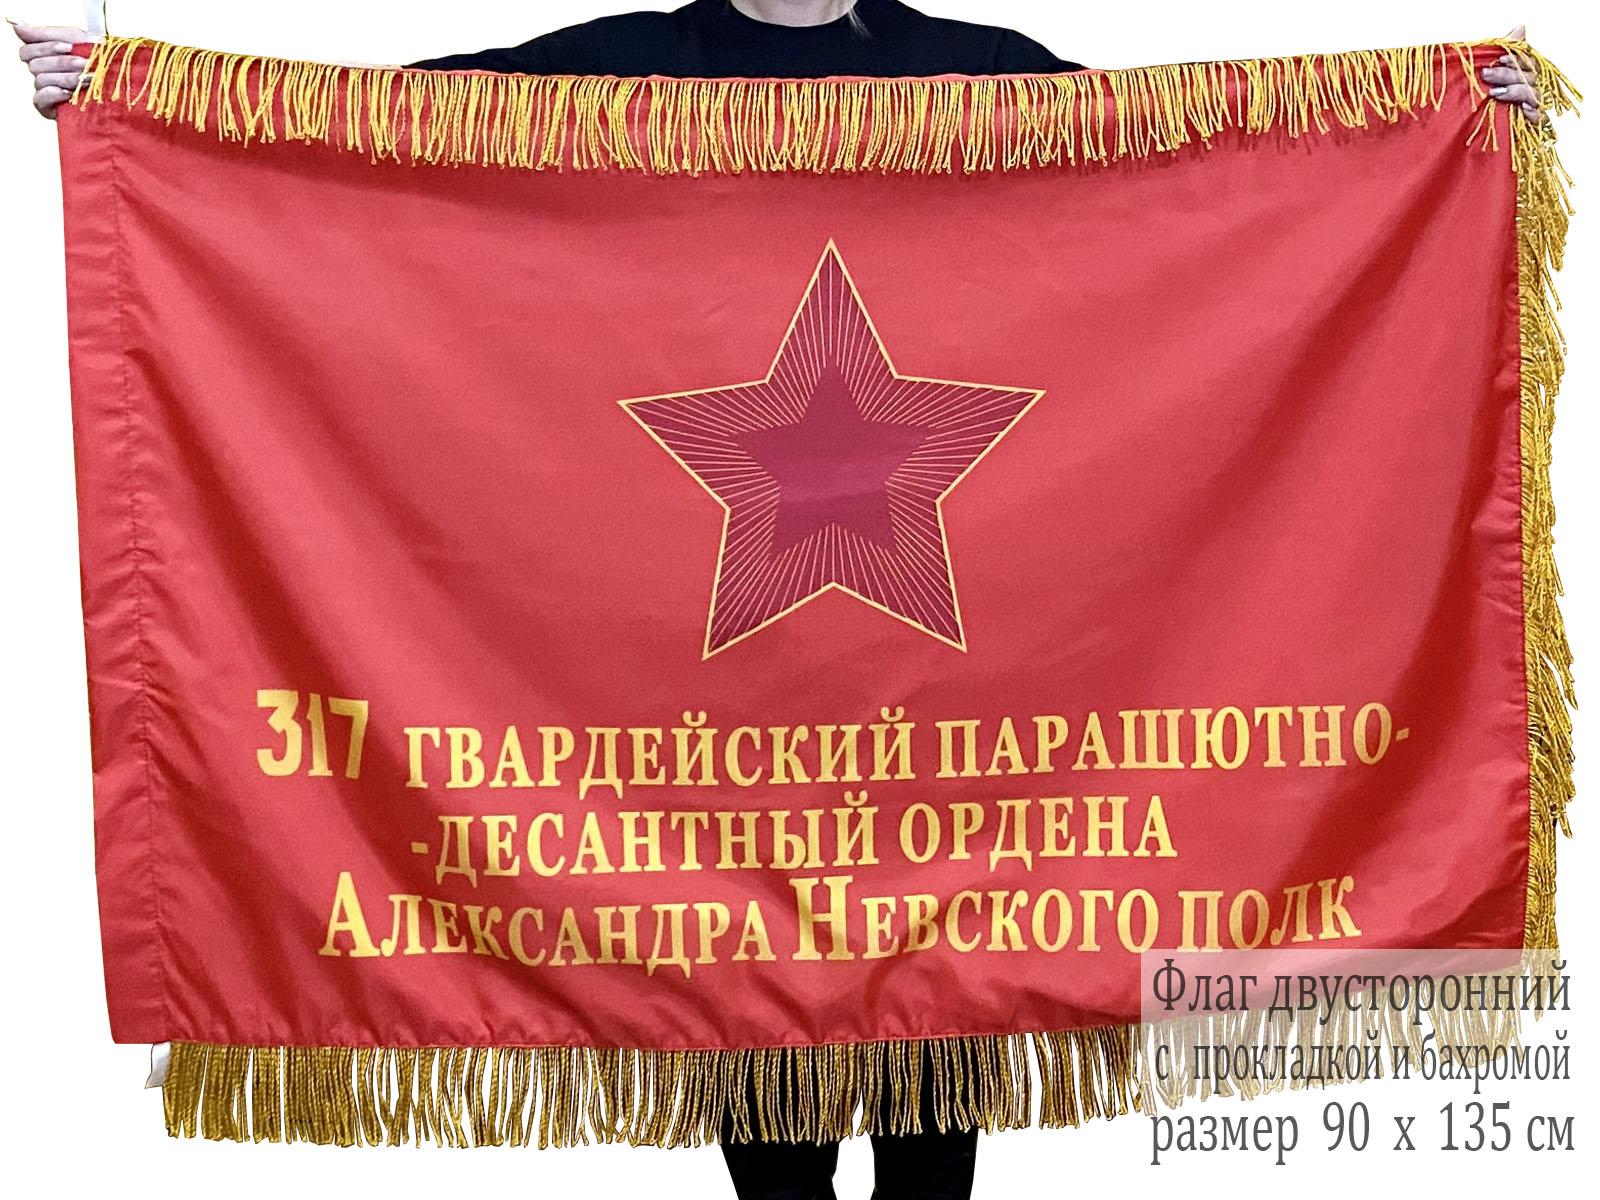 Двусторонний флаг с бахромой 317 гв. парашютно-десантный полк